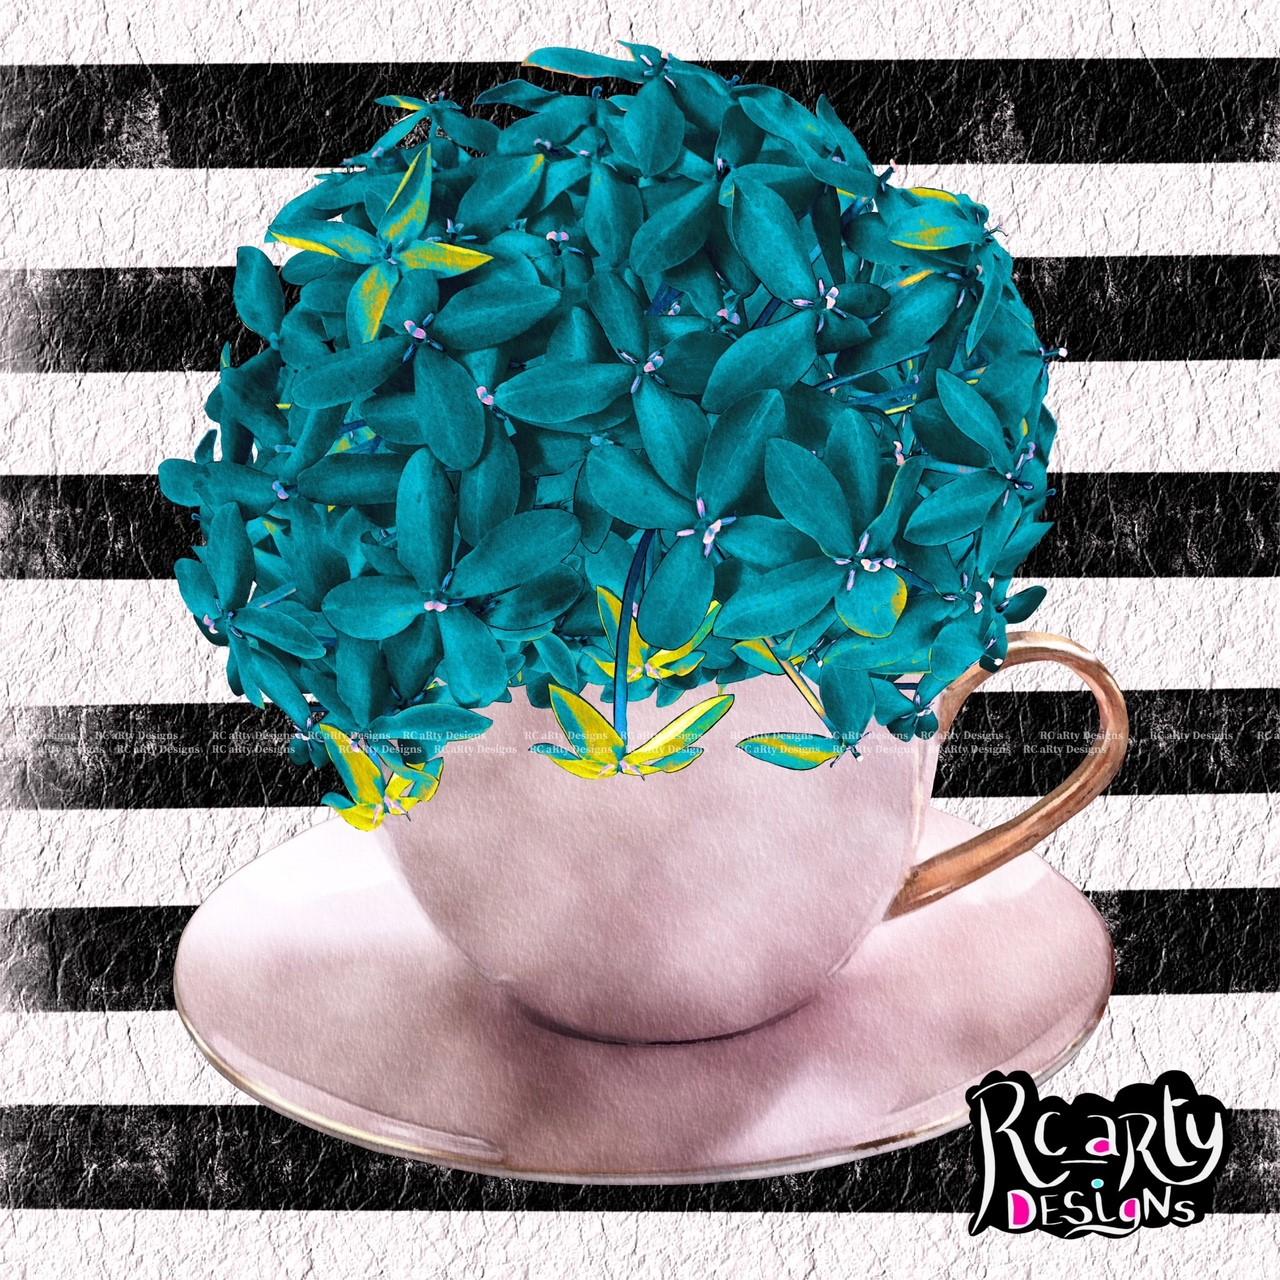 Ixora Petals in a Teacup Gallery Pics.jpg